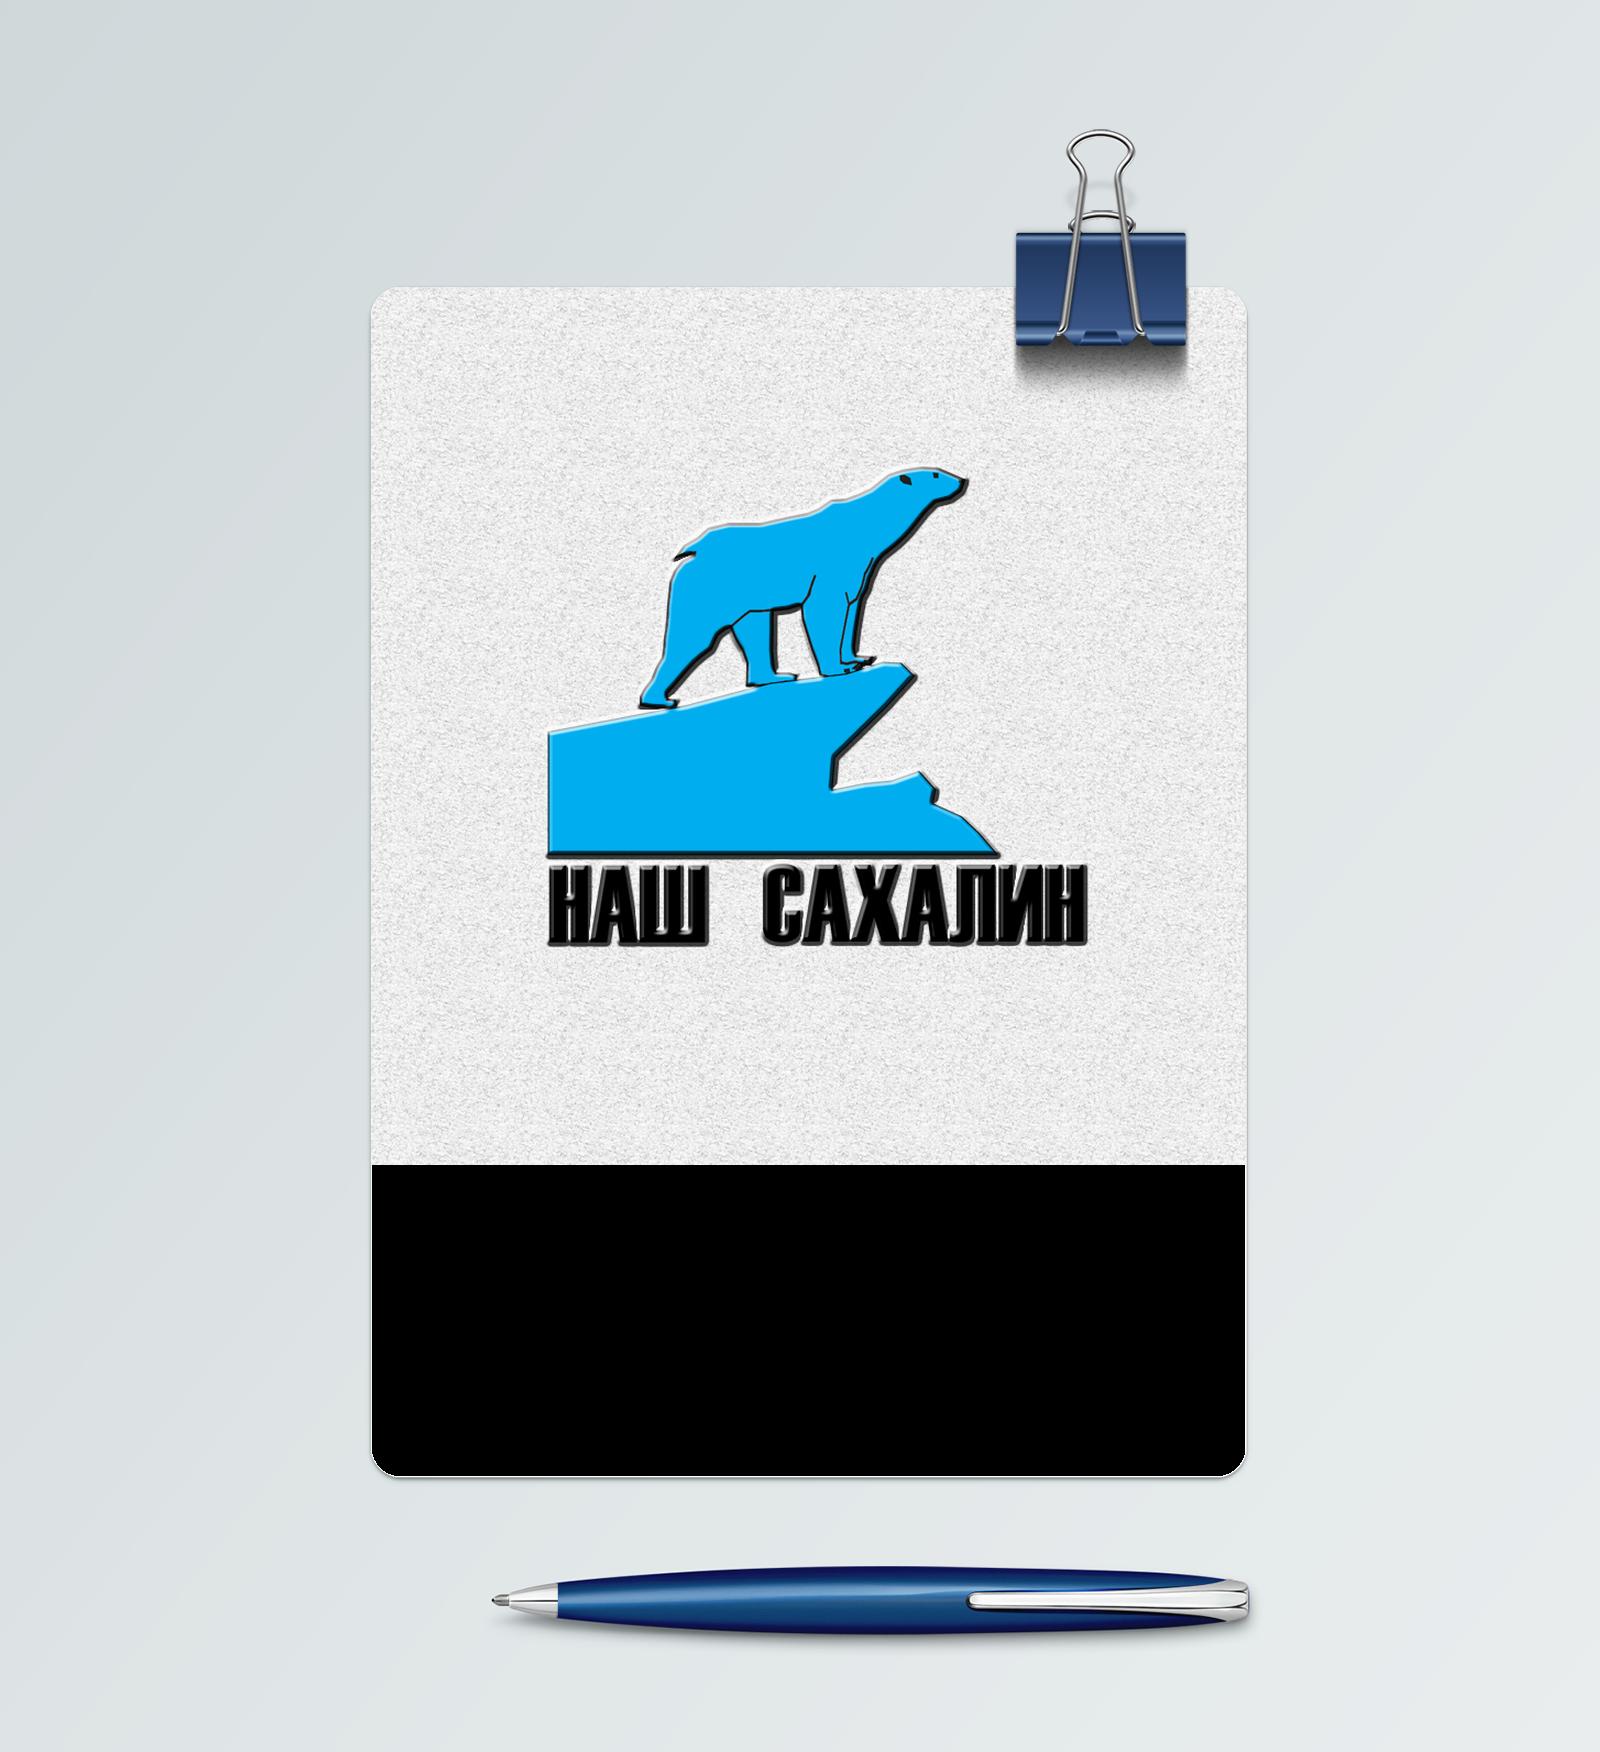 """Логотип для некоммерческой организации """"Наш Сахалин"""" фото f_9555a7fb98f84b1f.png"""